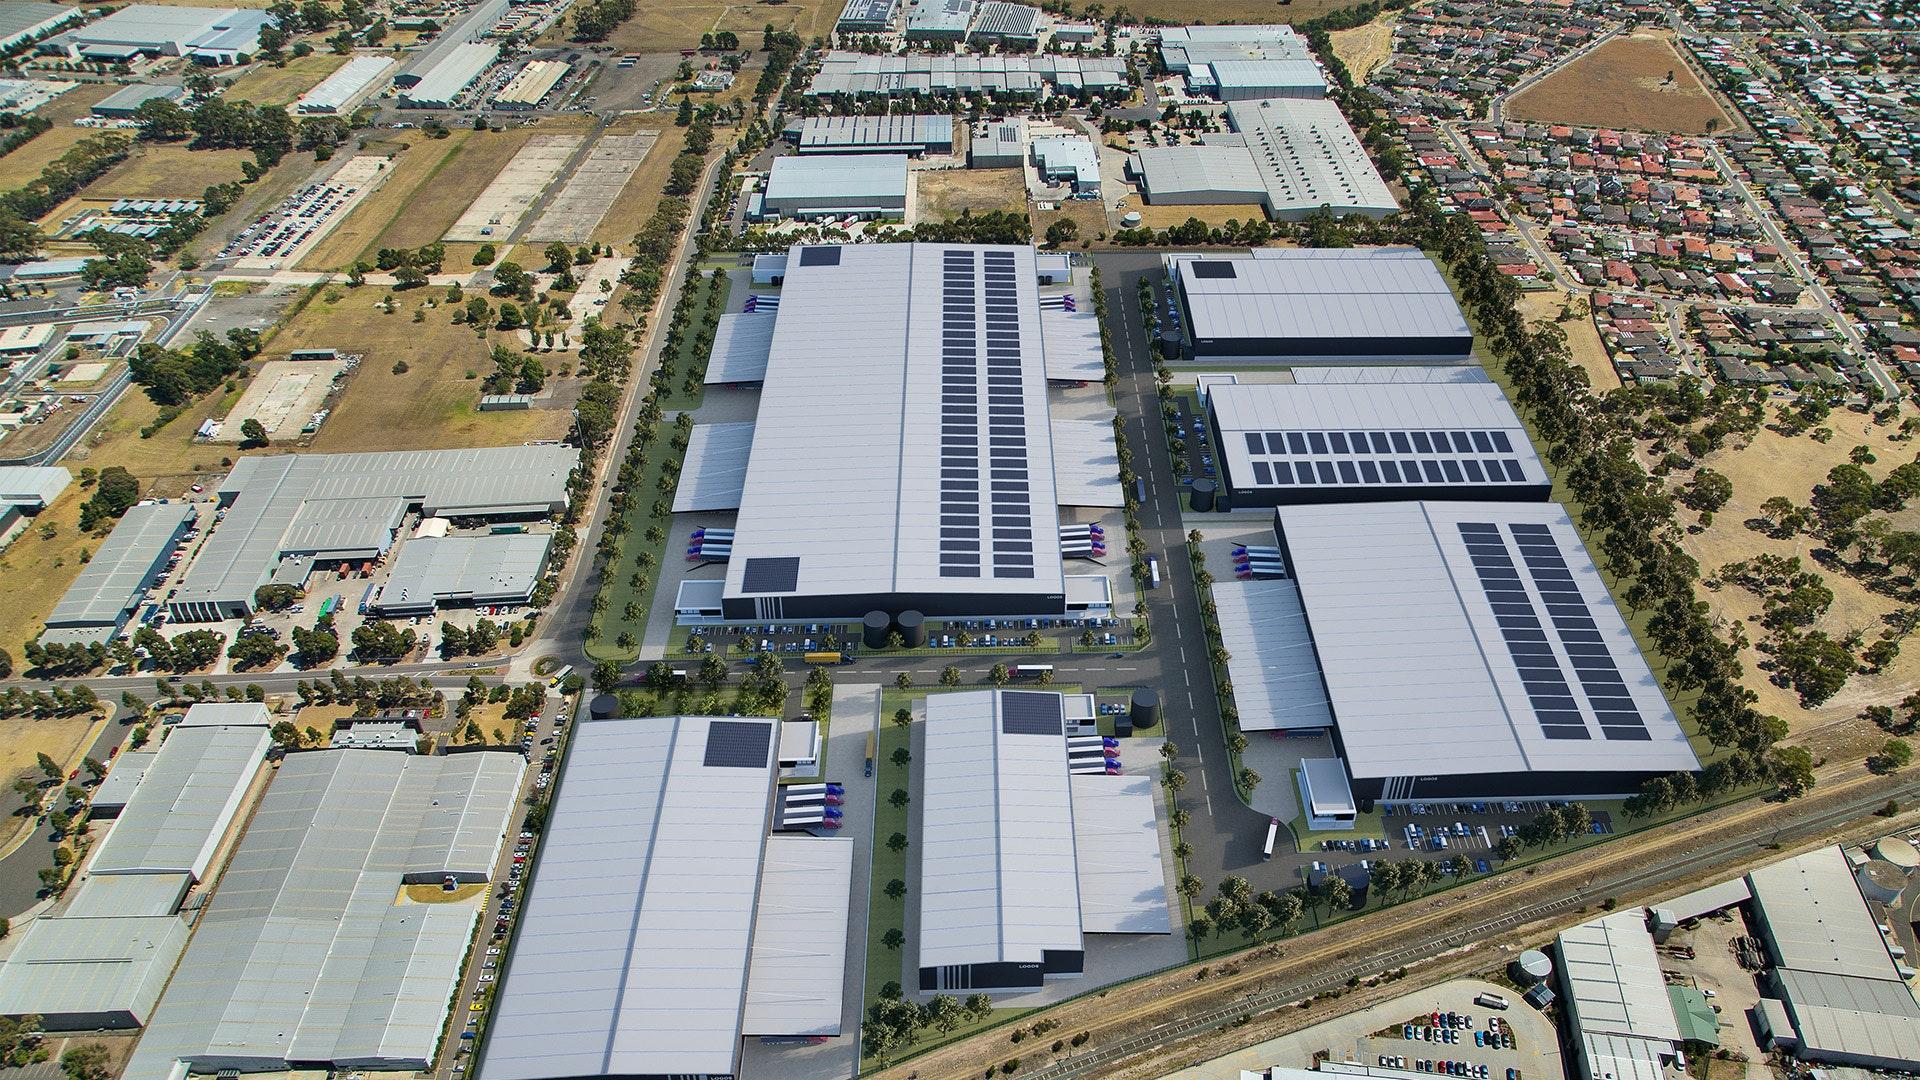 Ivanhoé Cambridge fait l'acquisition d'un site de développement logistique à Broadmeadows, Melbourne